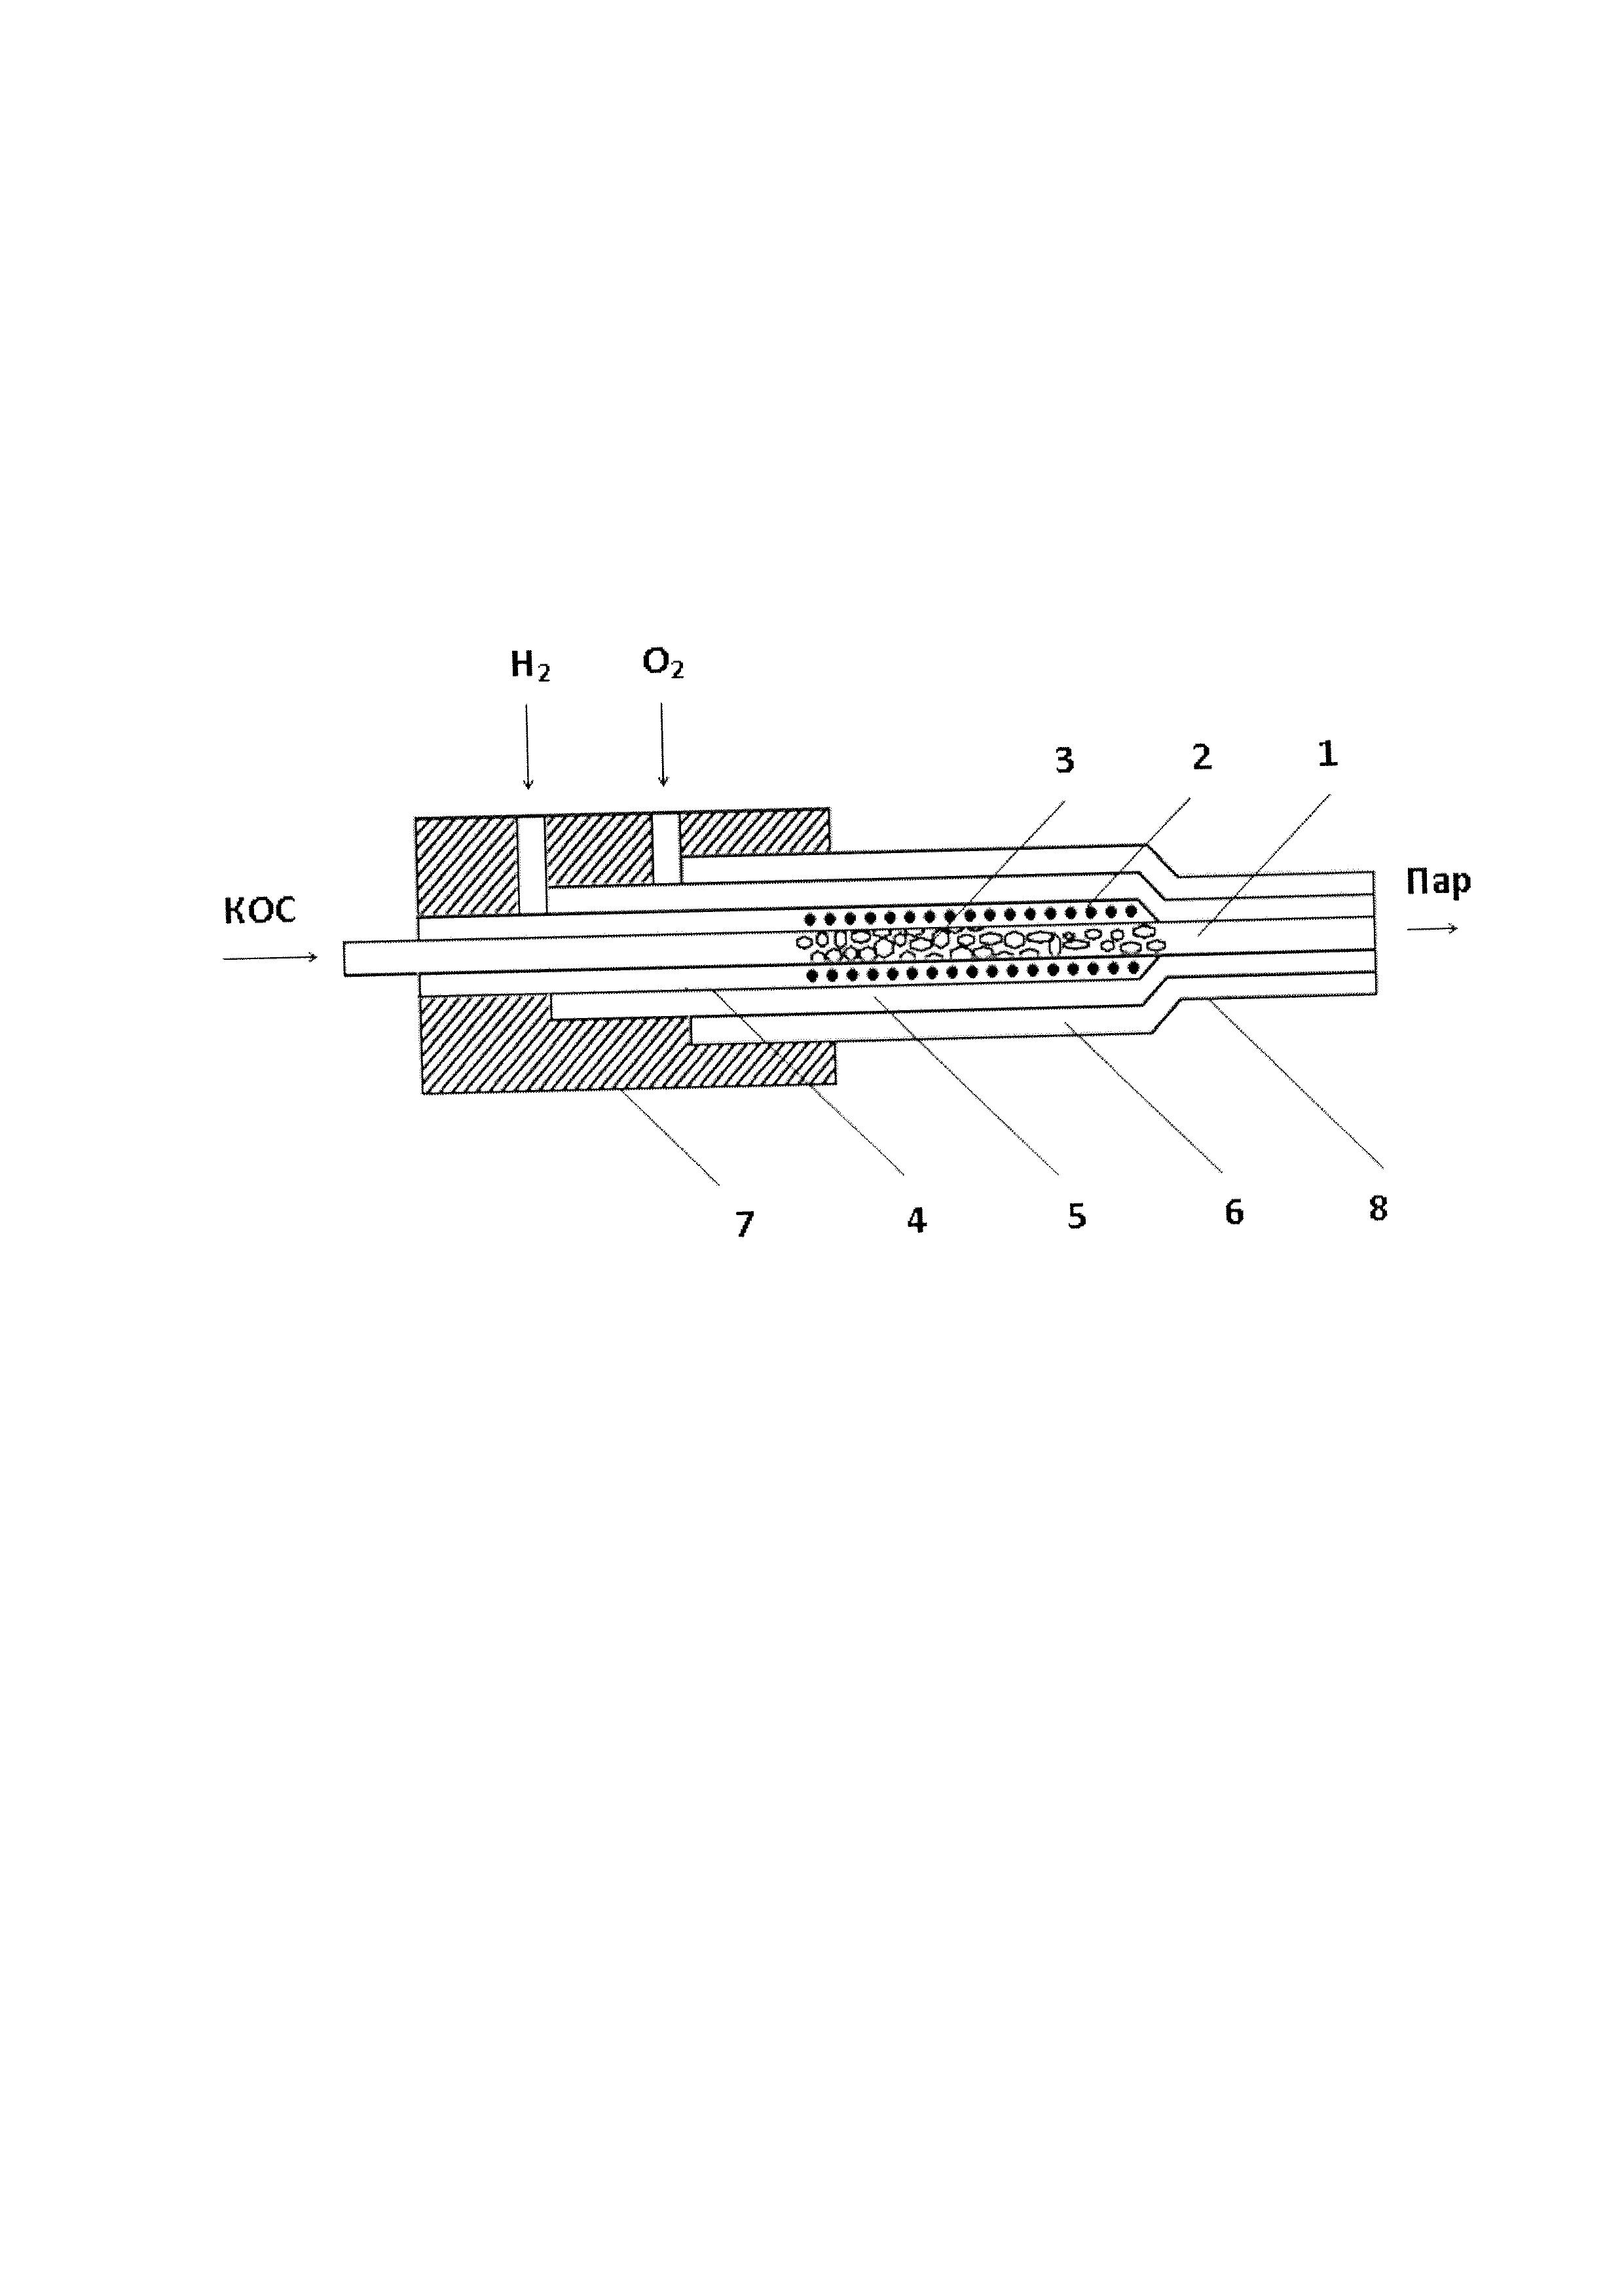 Конструкция горелки для получения кварцевого стекла из жидких кремнийорганических соединений